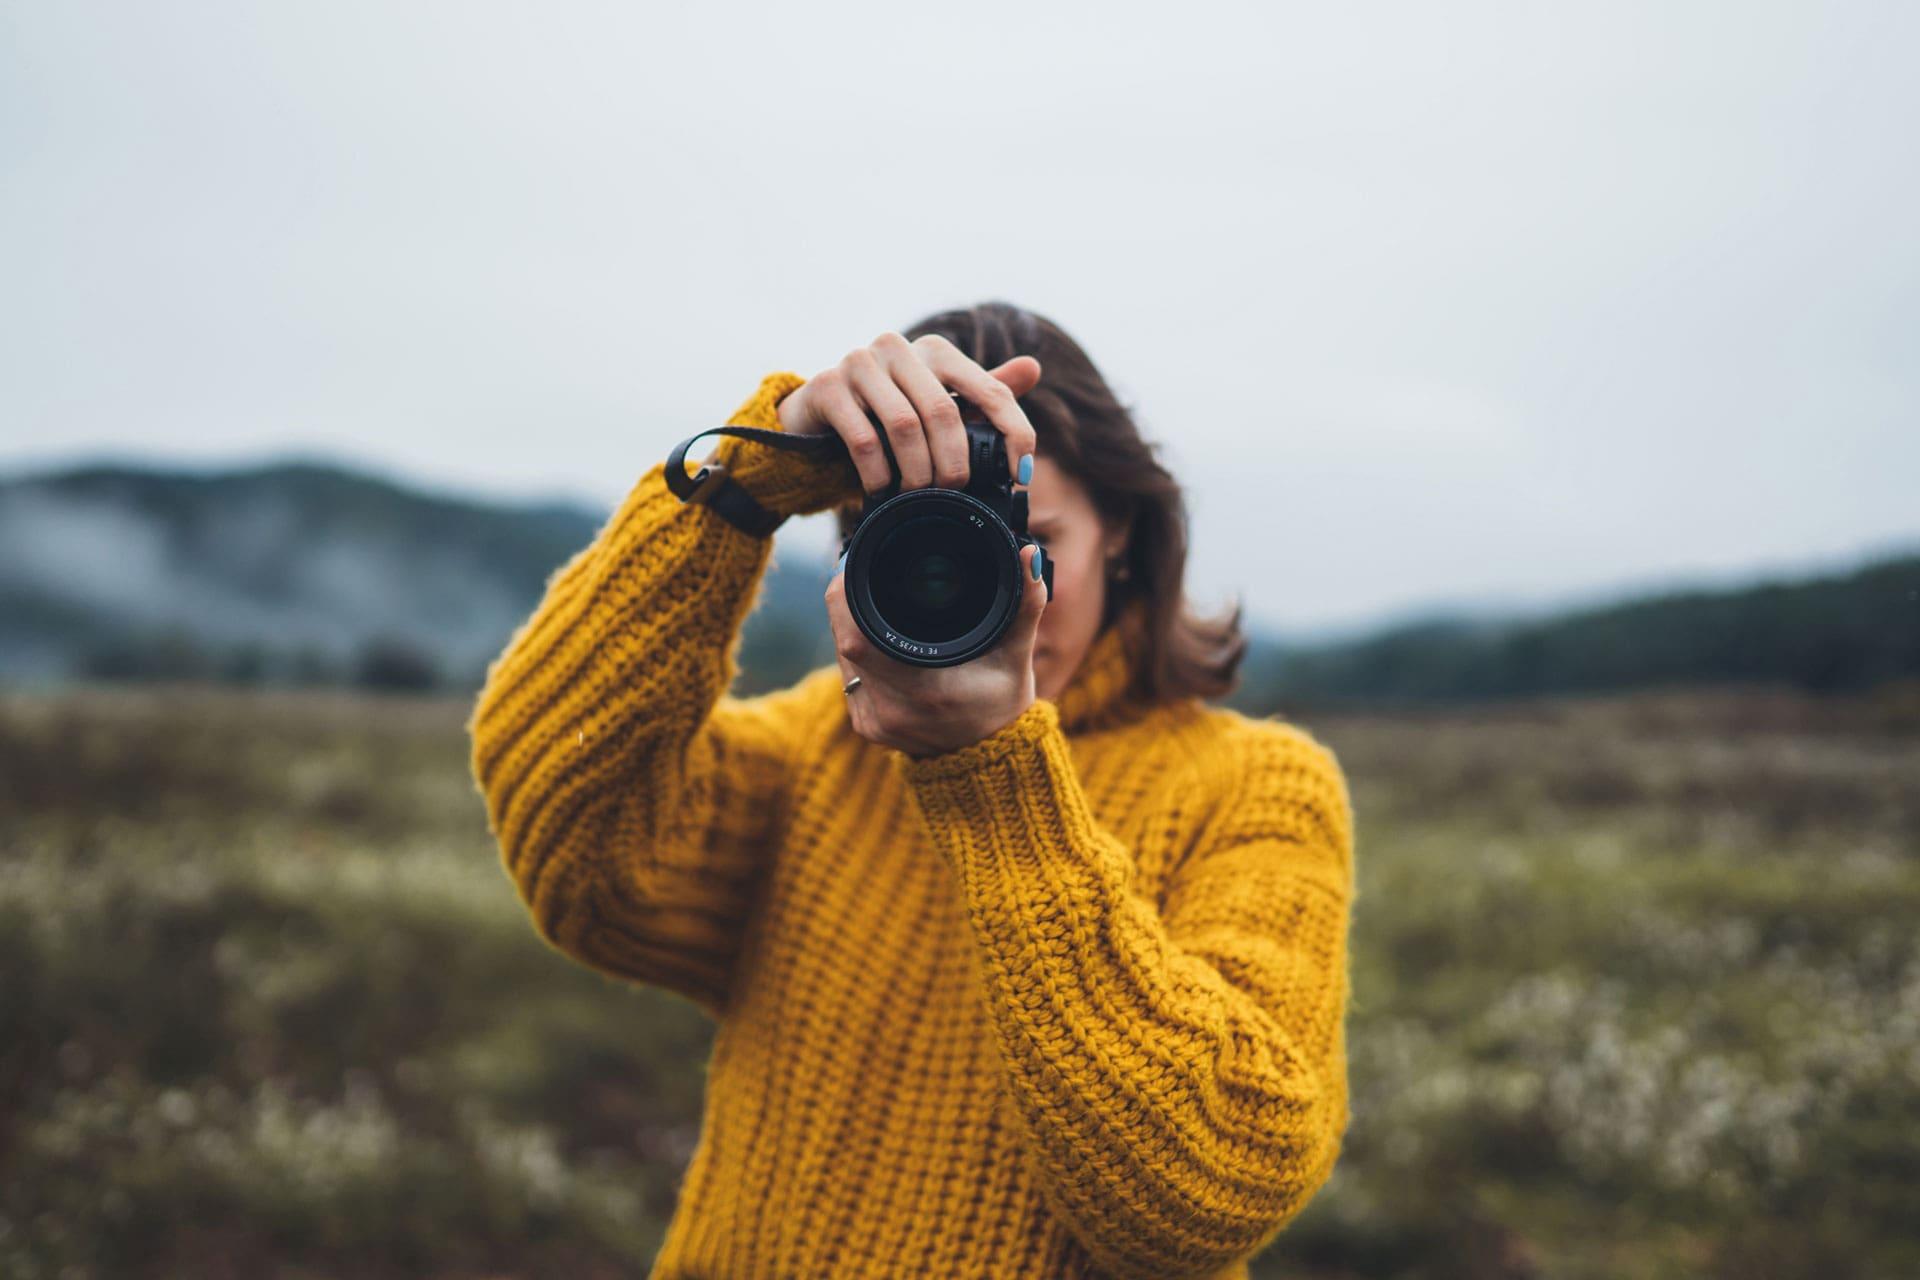 jak dobrać zdjęcia do poublikacji